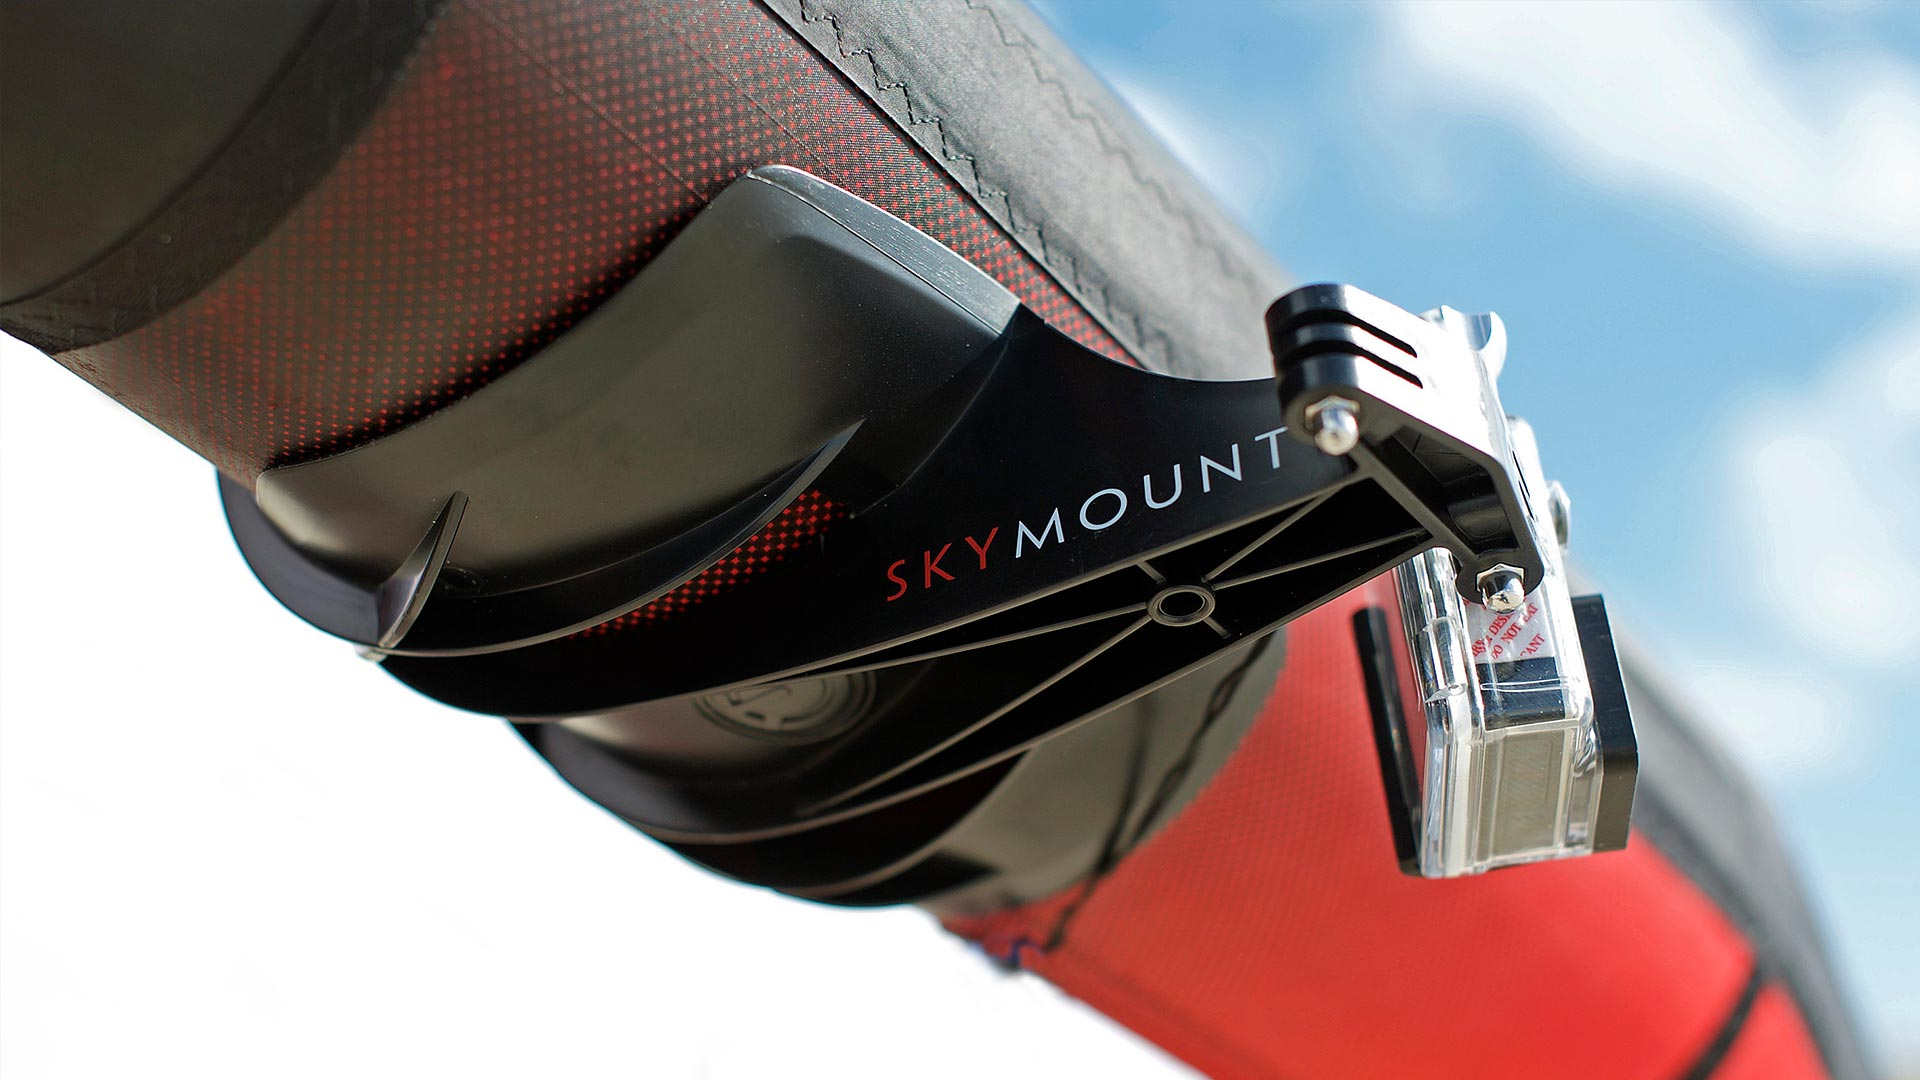 Skymount Close Up